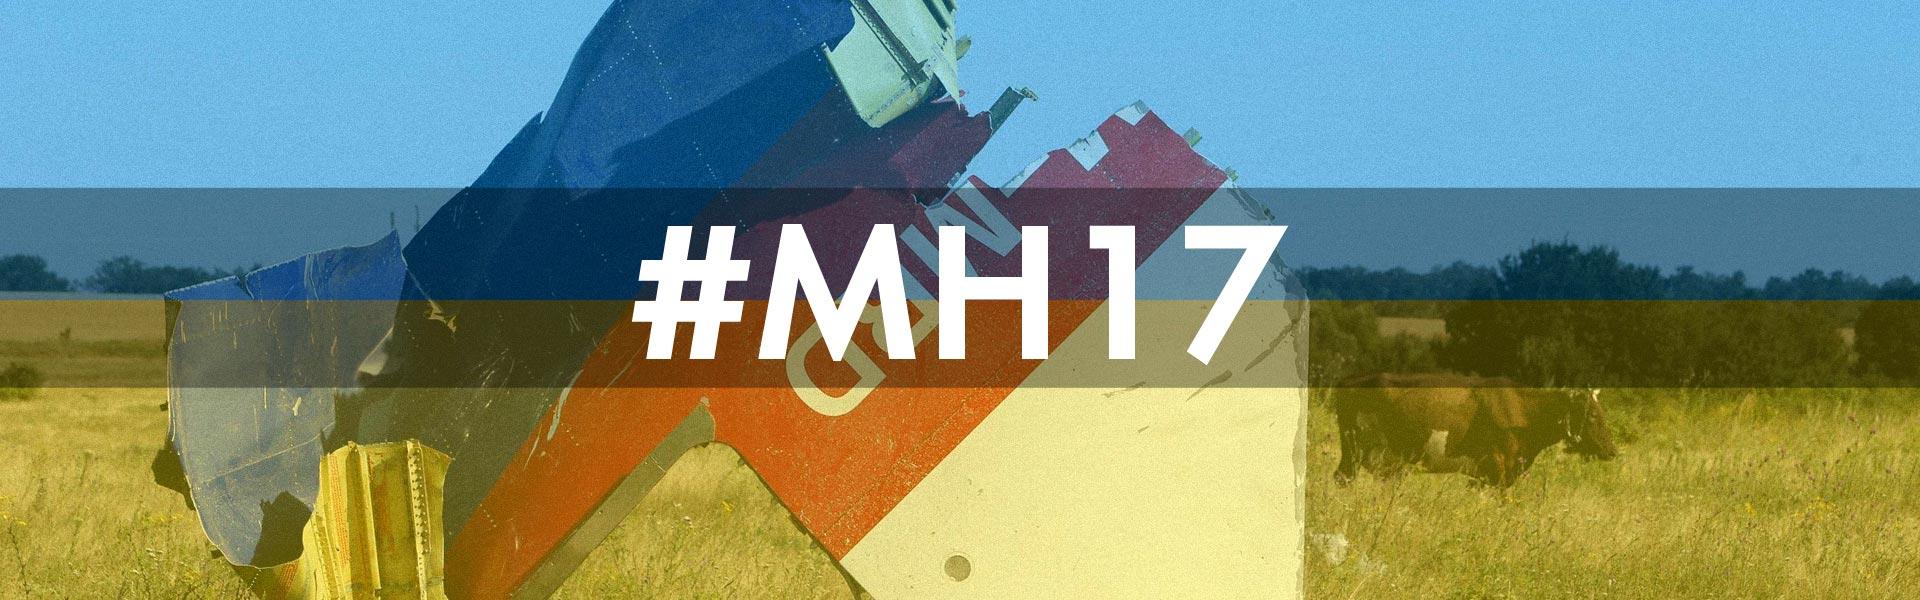 Anniversario abbattimento MH17